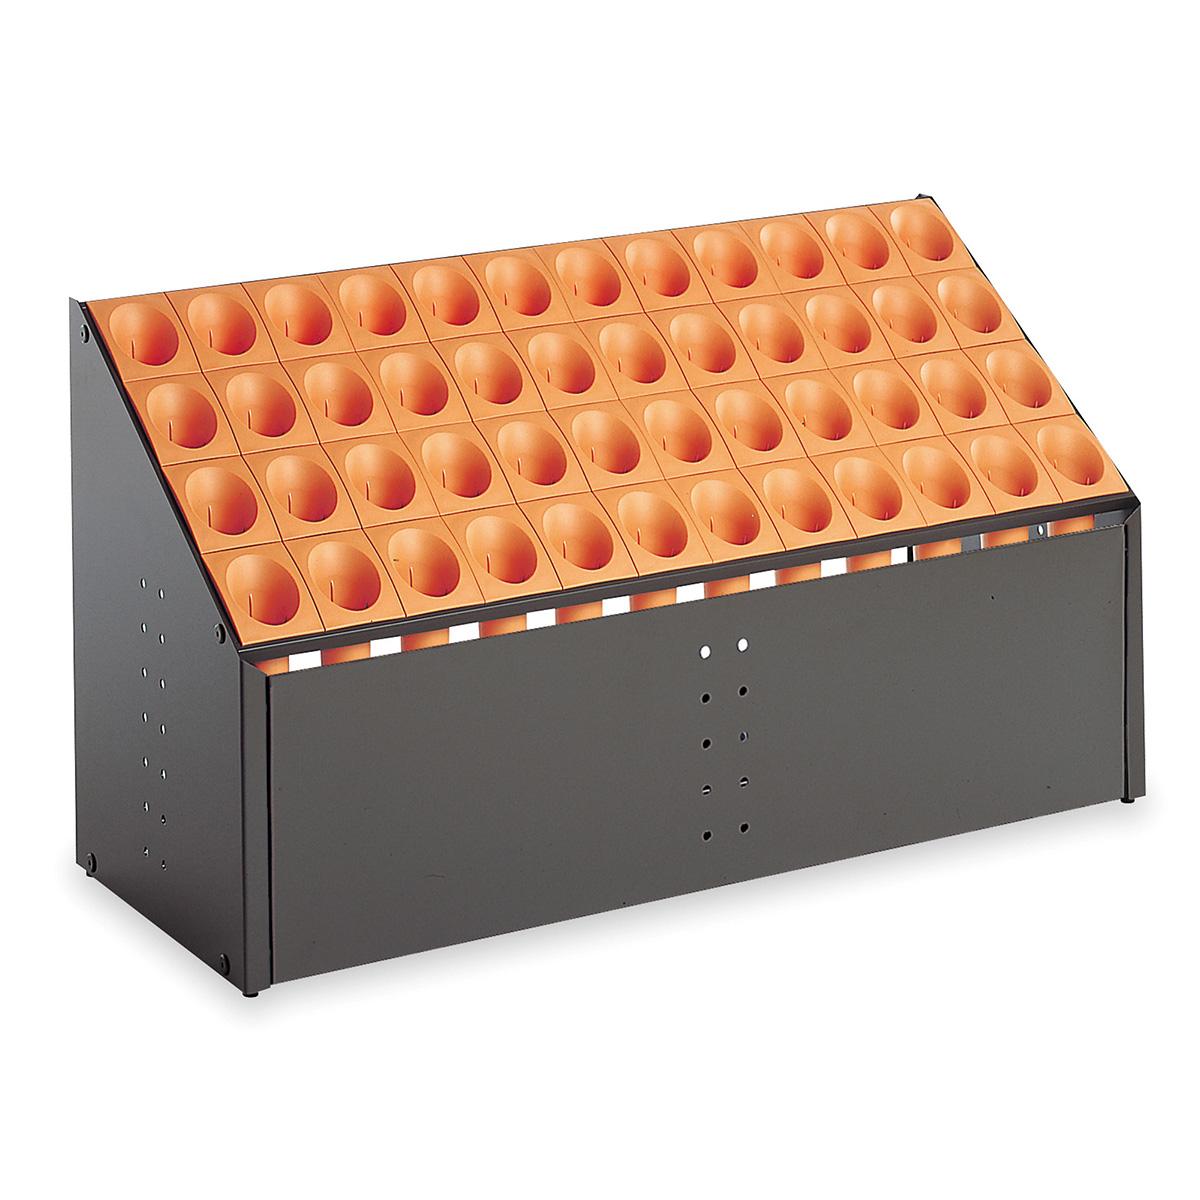 テラモト オブリークアーバン C48 オレンジ (代引不可) UB-285-248-7